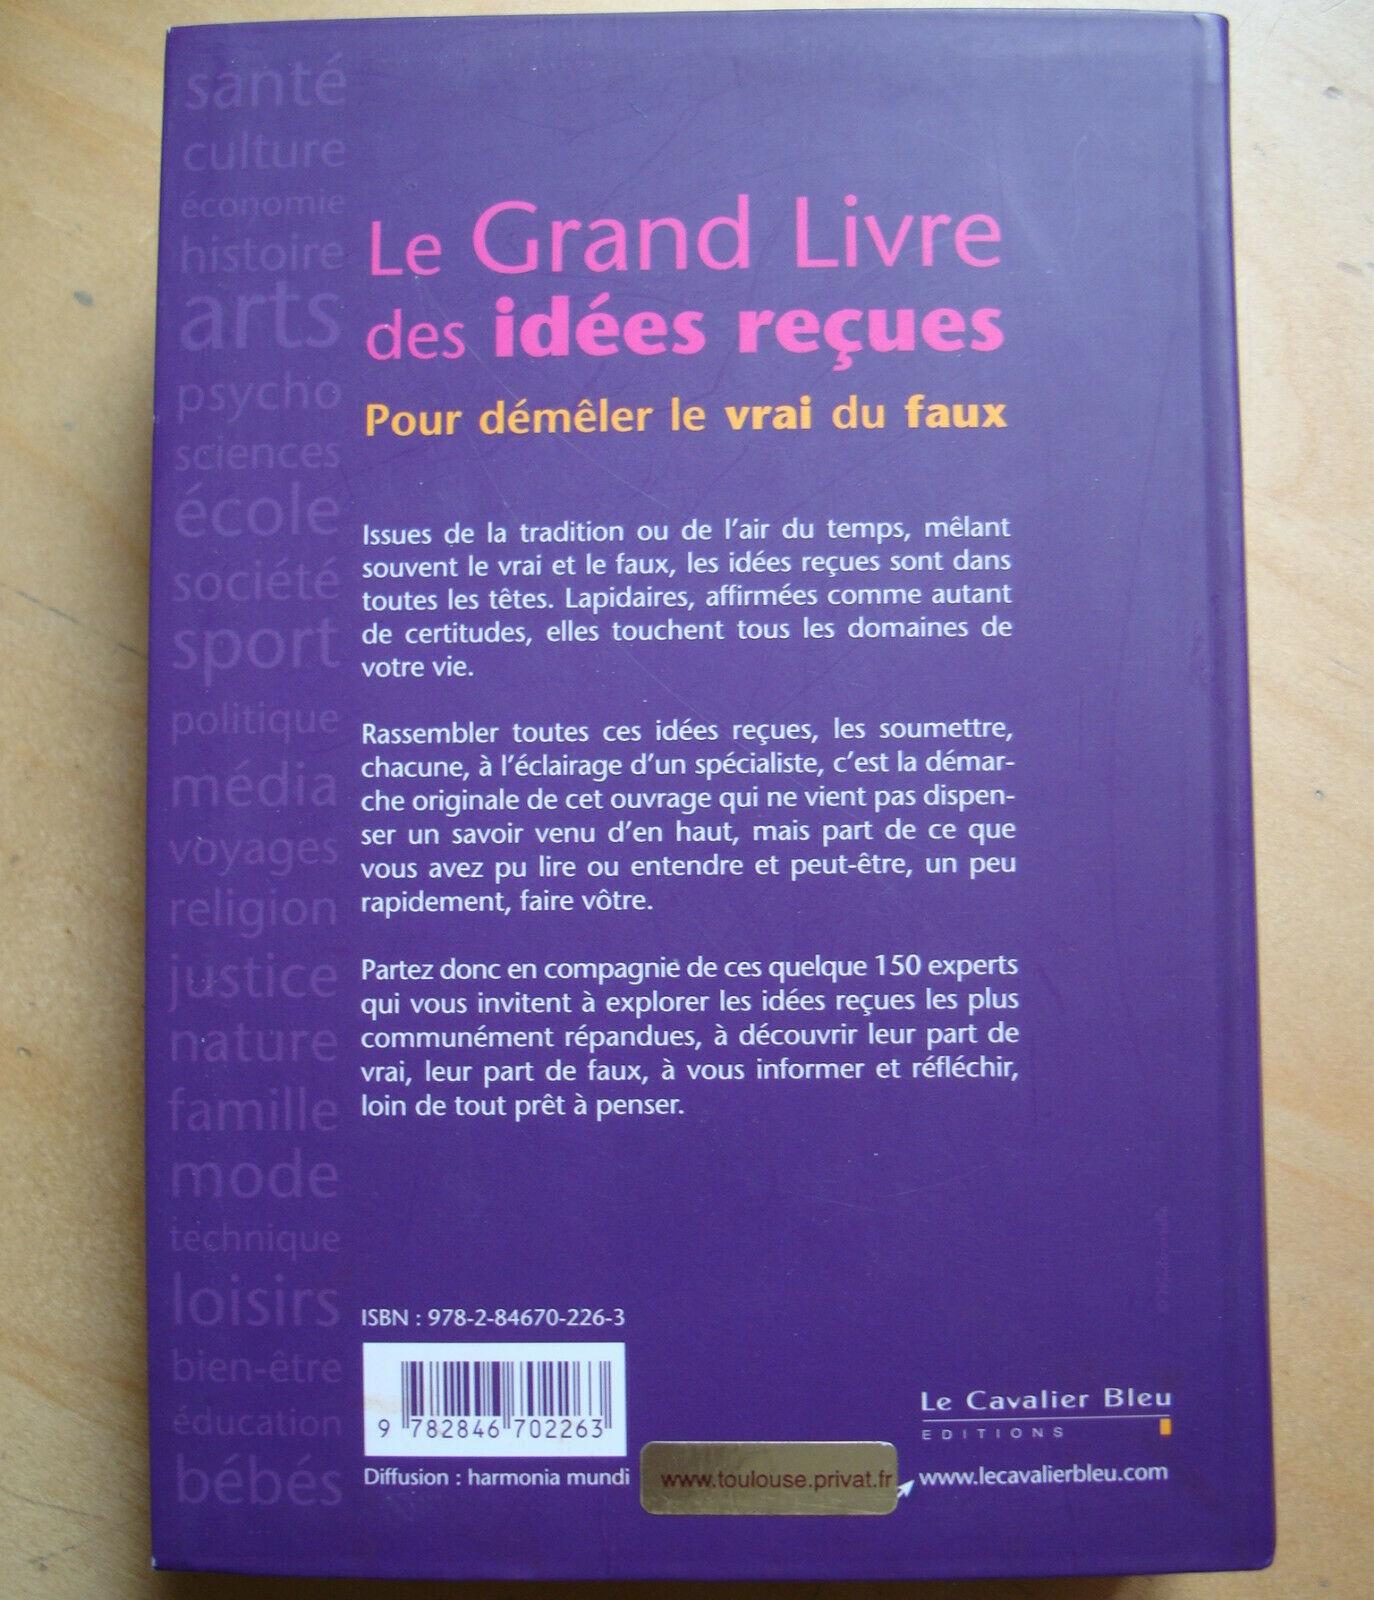 Le Grand livre des idées reçues. Pour démêler le vrai du faux - Marie-Laurence Dubray